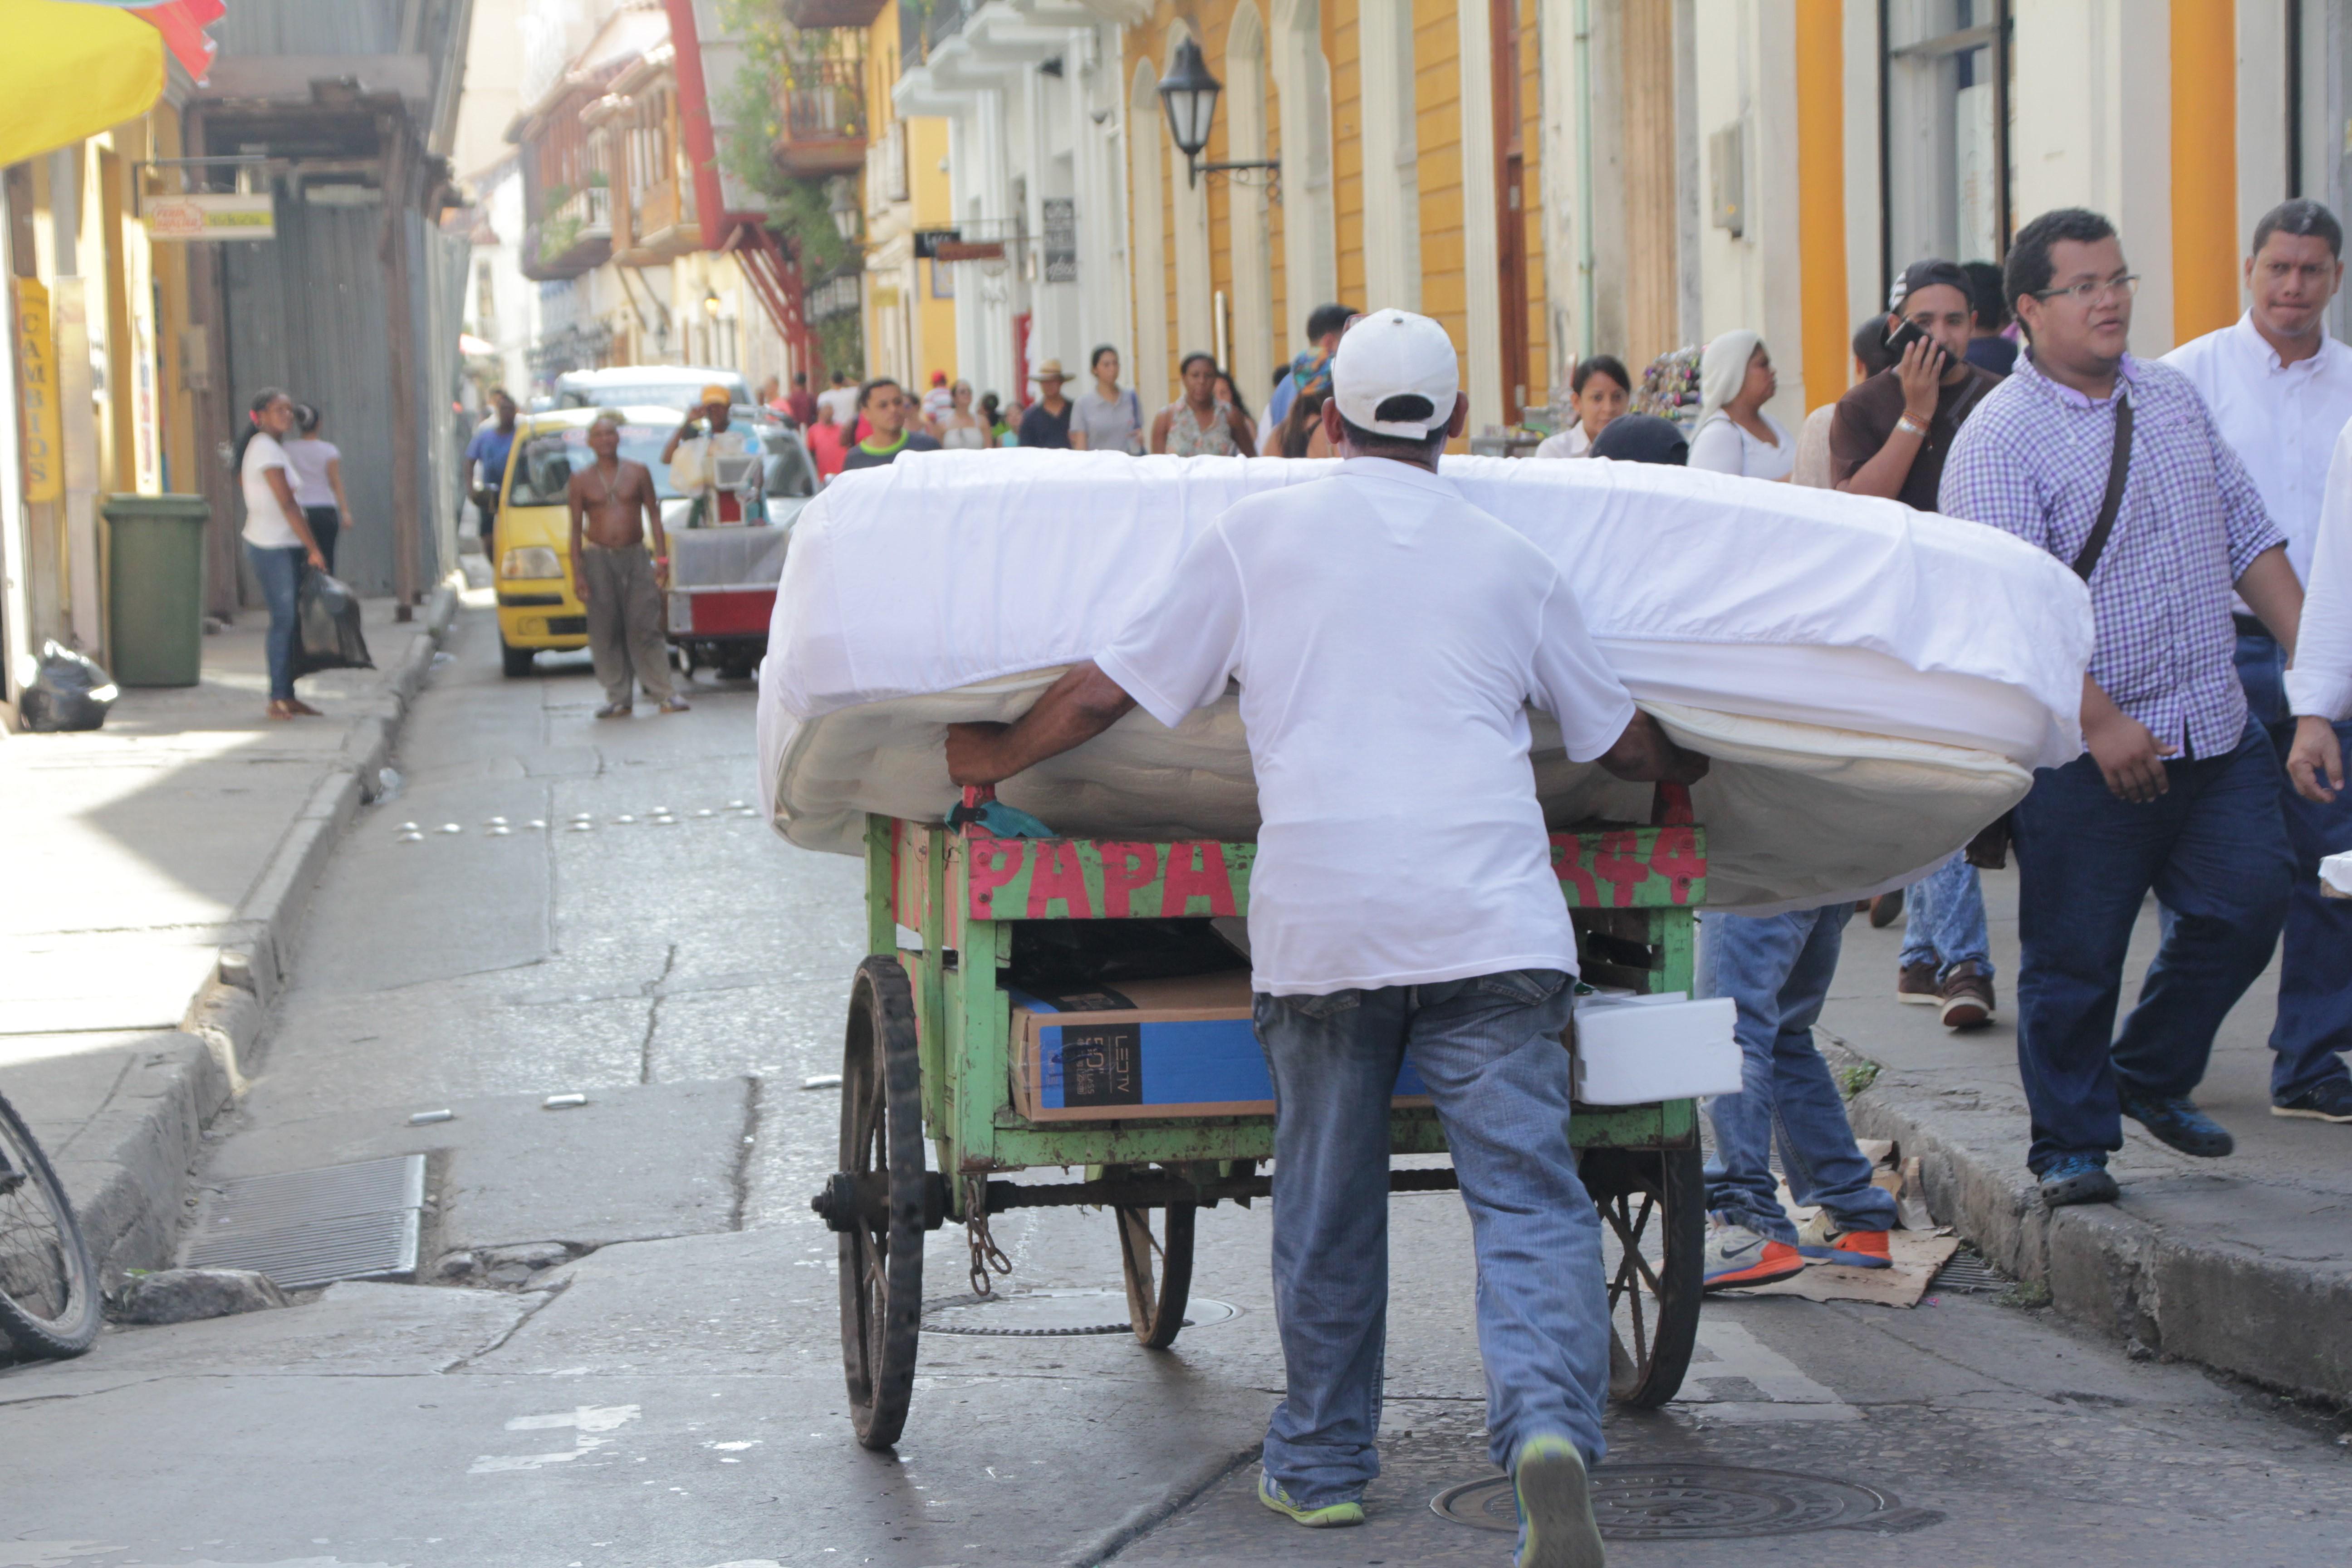 Difficile de se frayer un chemin dans les rues en sens unique pleines de touristes (© Jérôme Decoster).